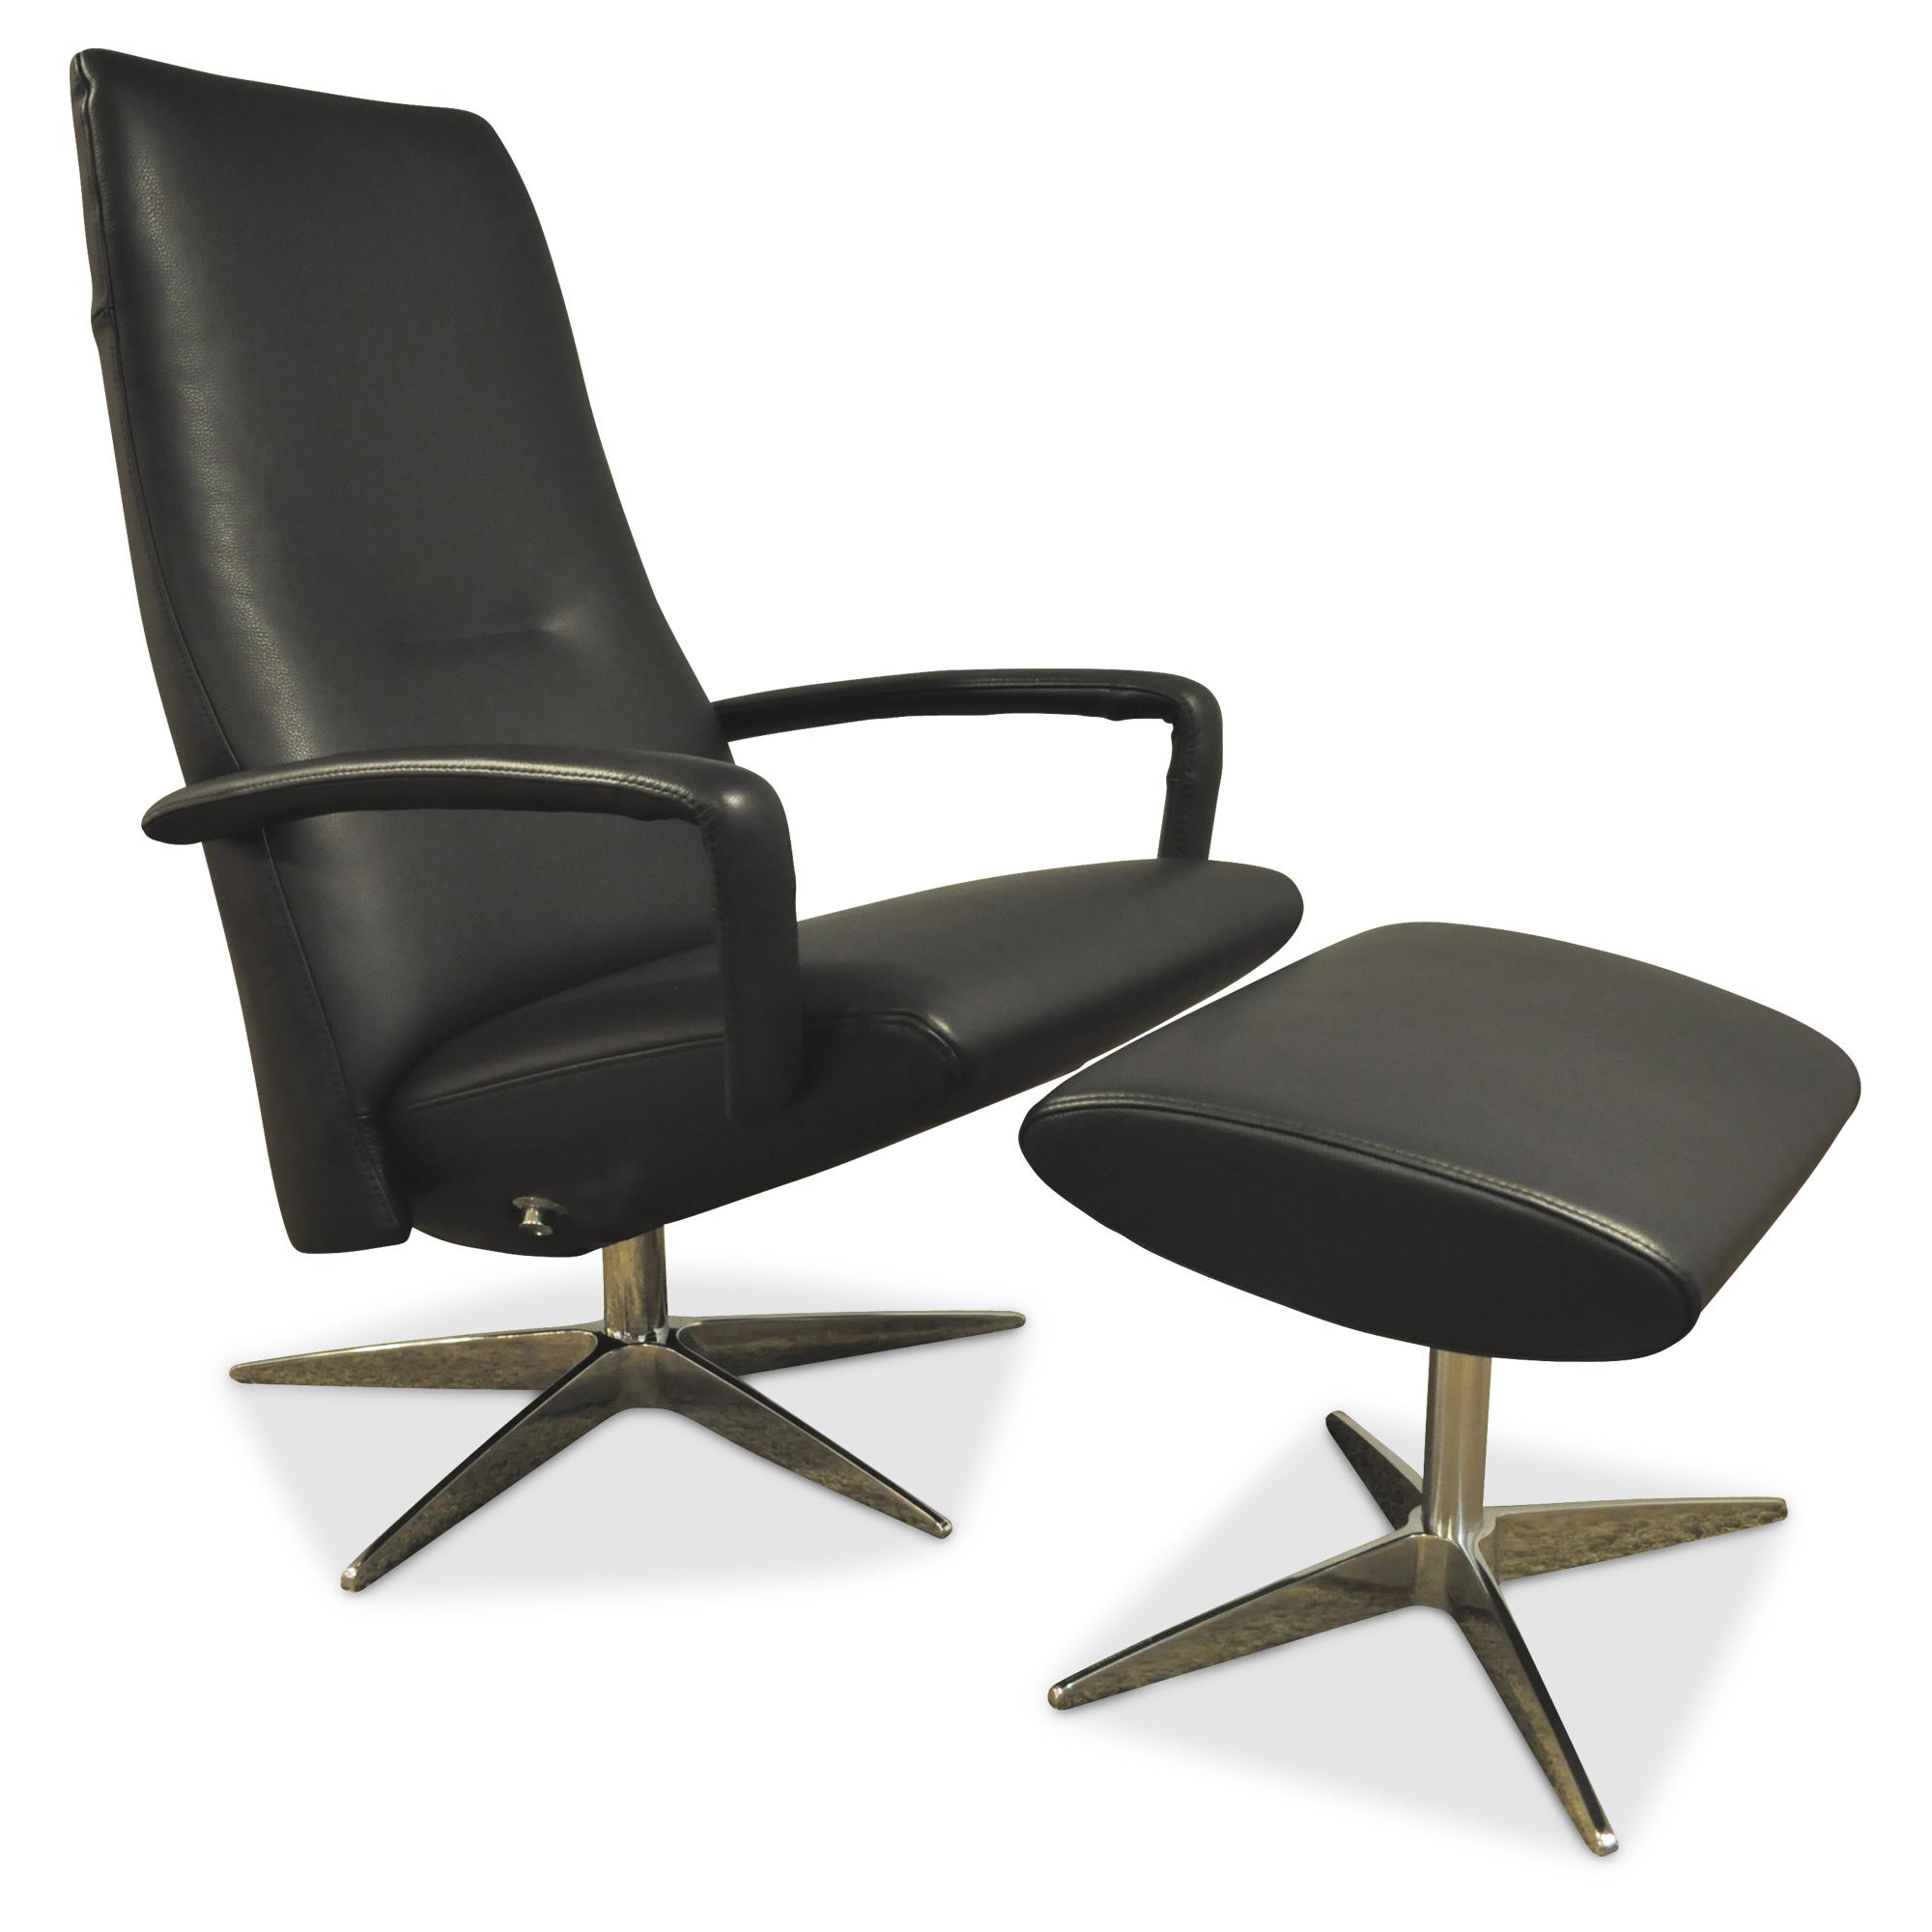 sessel wk 680 tipo in schwarz wk wohnen sessel g nstig kaufen m belfirst. Black Bedroom Furniture Sets. Home Design Ideas